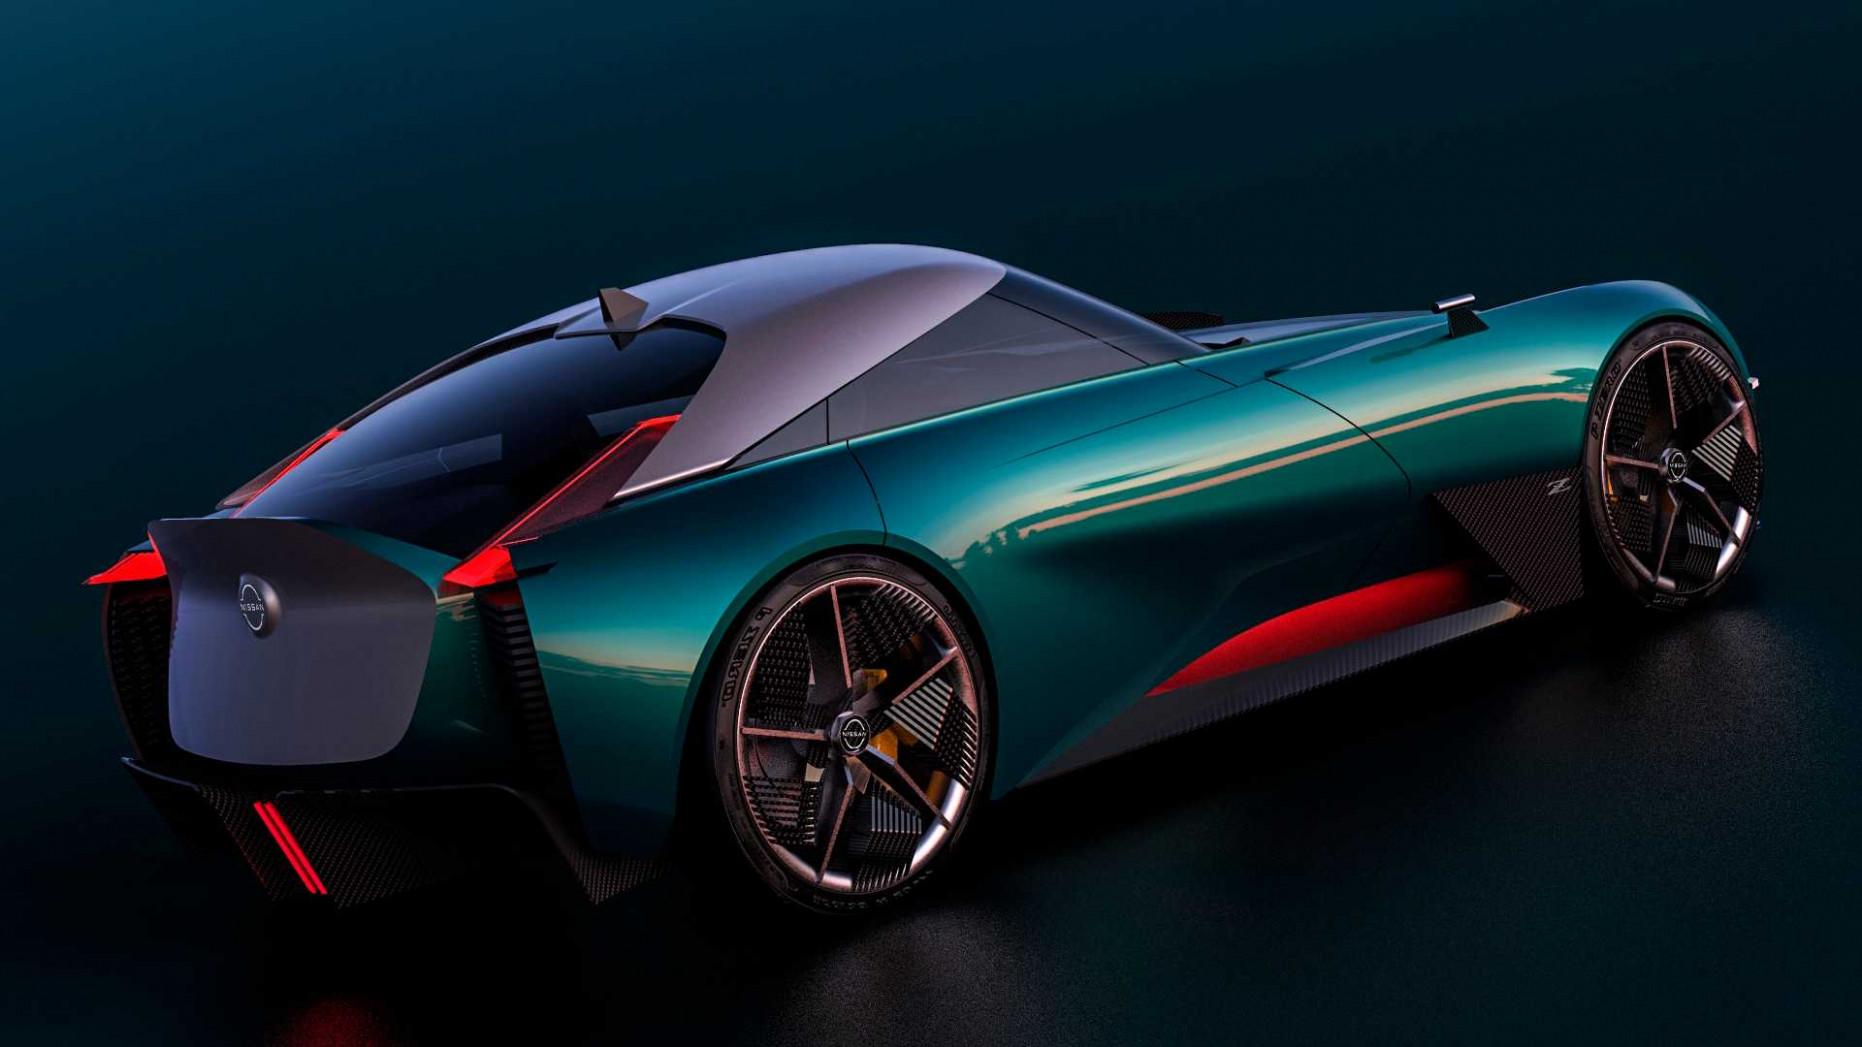 Concept Nissan Z 2022 Price